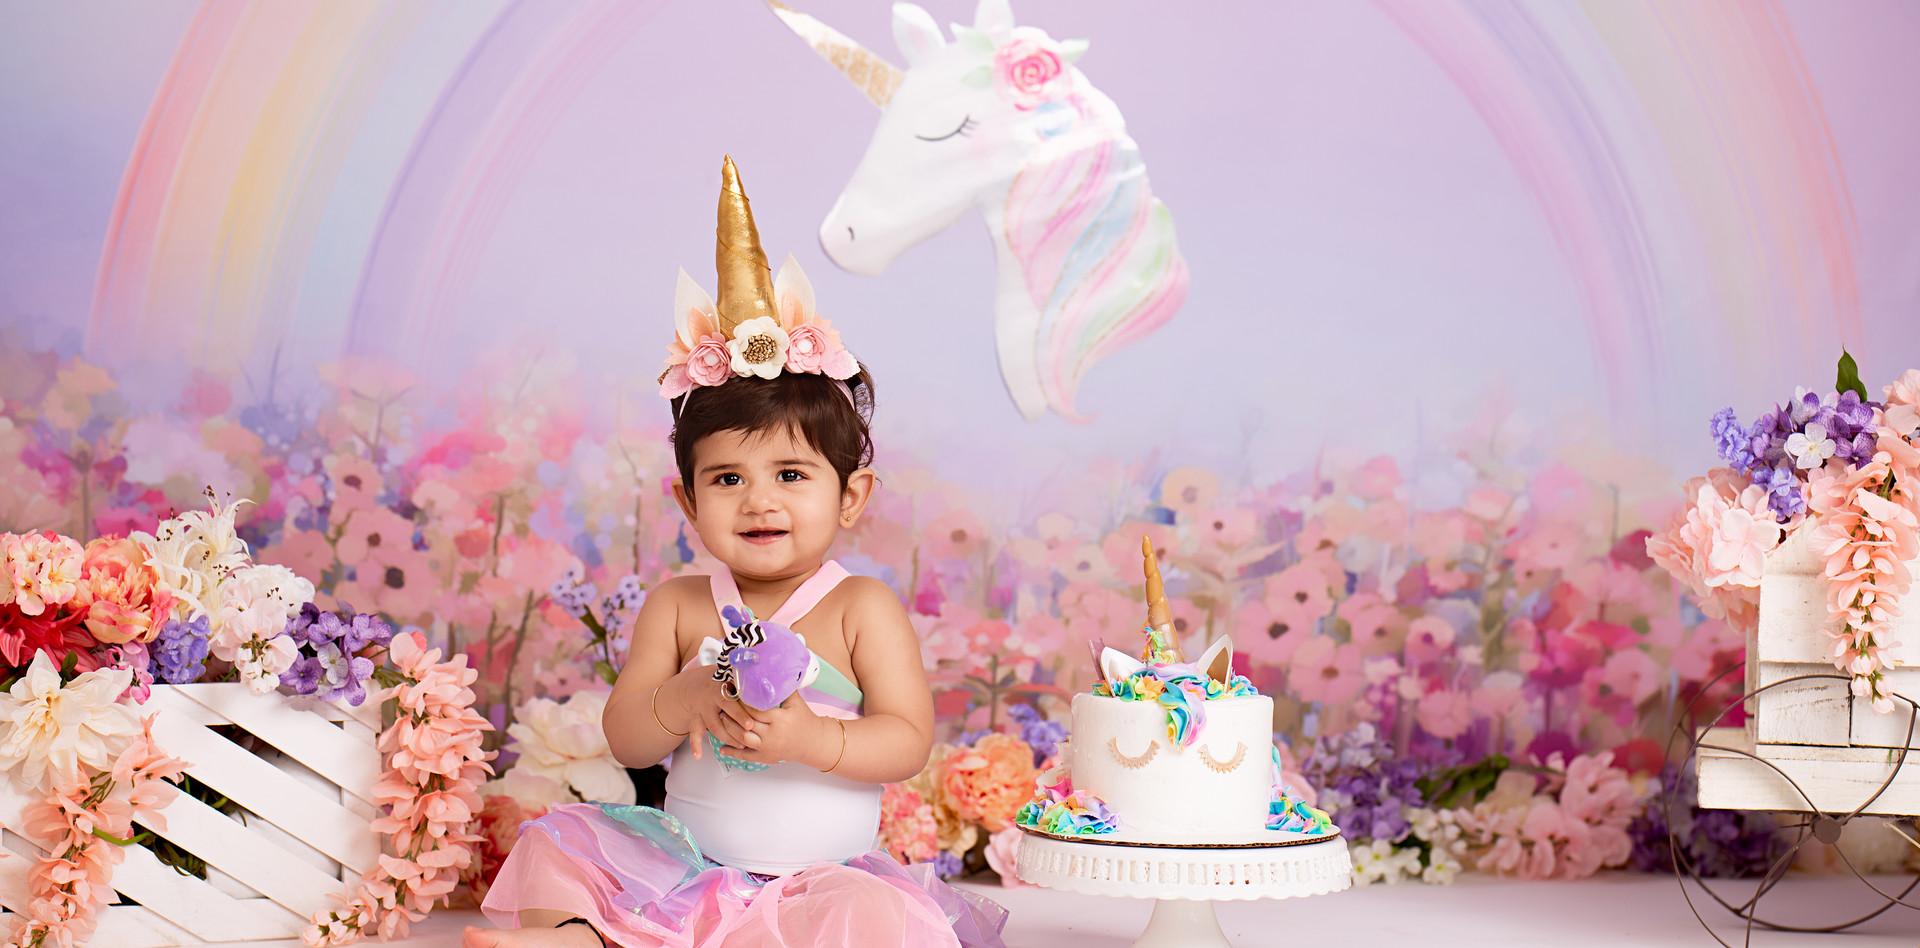 Unicorn Cake Smash Photo Session